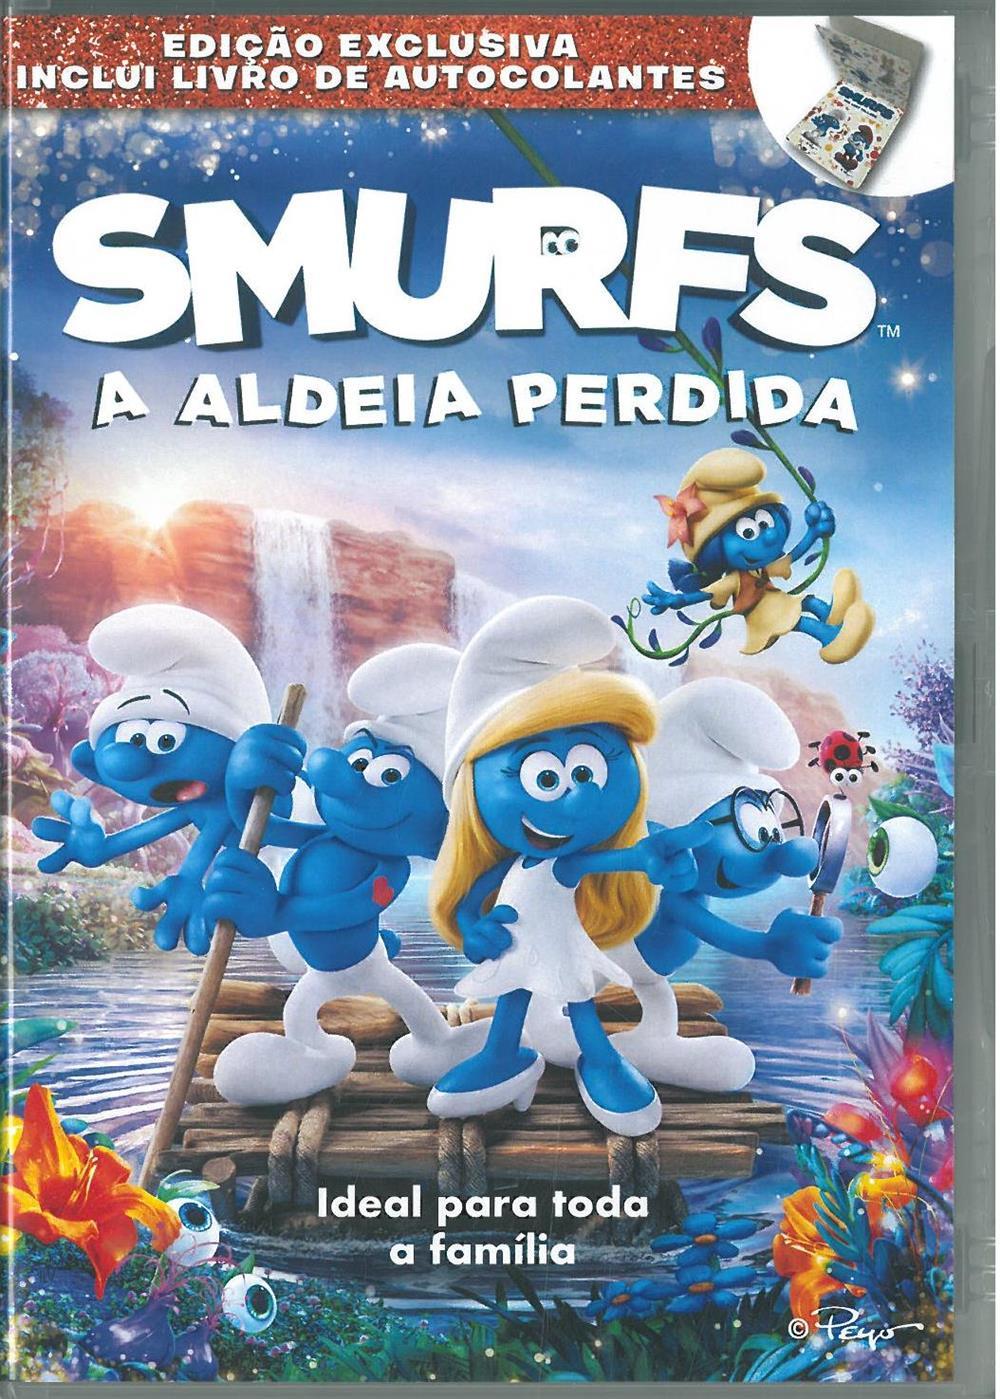 Smurfs_a aldeia perdida_DVD.jpg